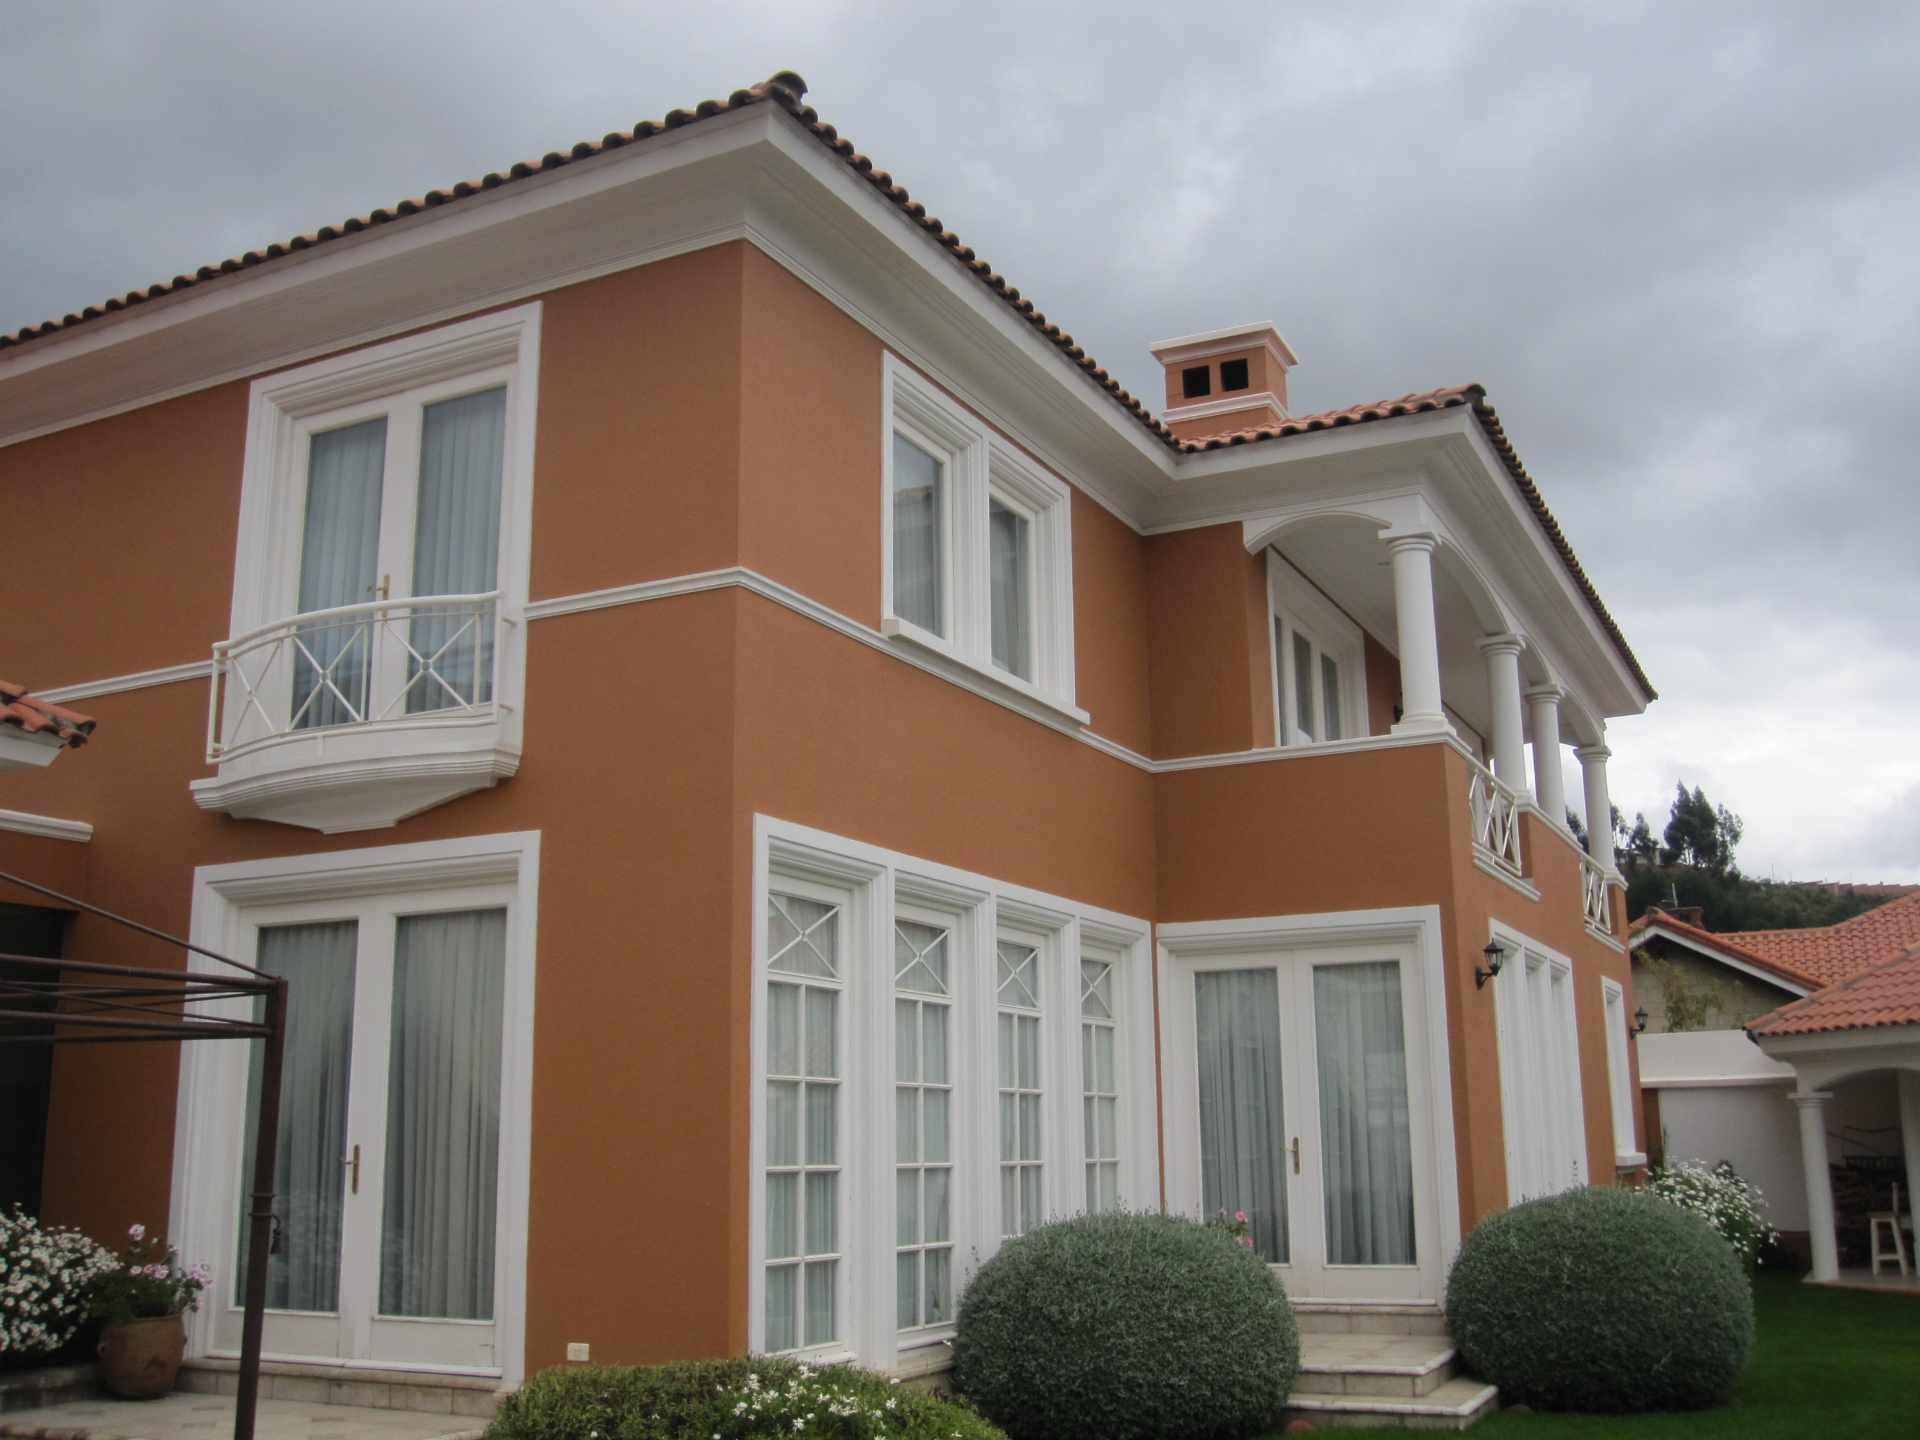 Casa en Venta ACHUMANI PRECIOSA RESIDENCIA EN VENTA  Foto 2